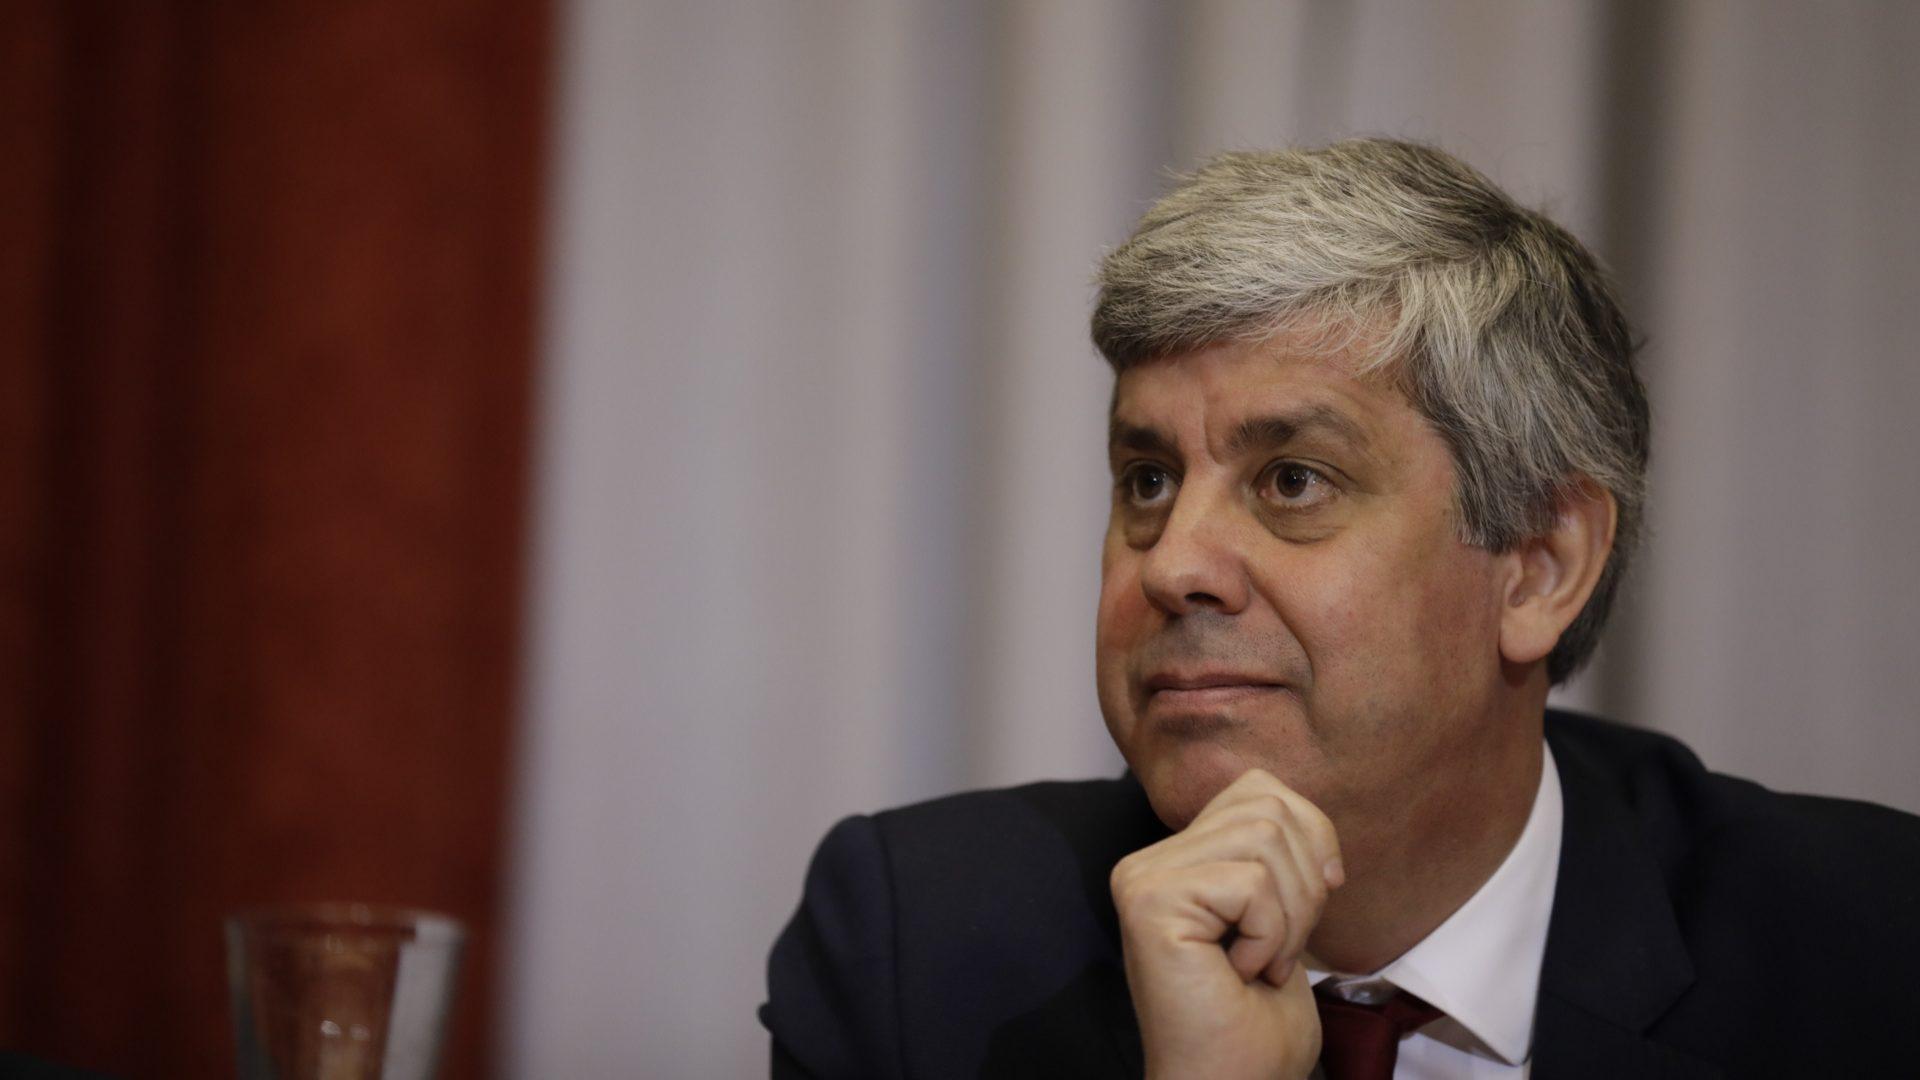 Grécia está no bom caminho para finalizar programa de ajustamento, diz Centeno